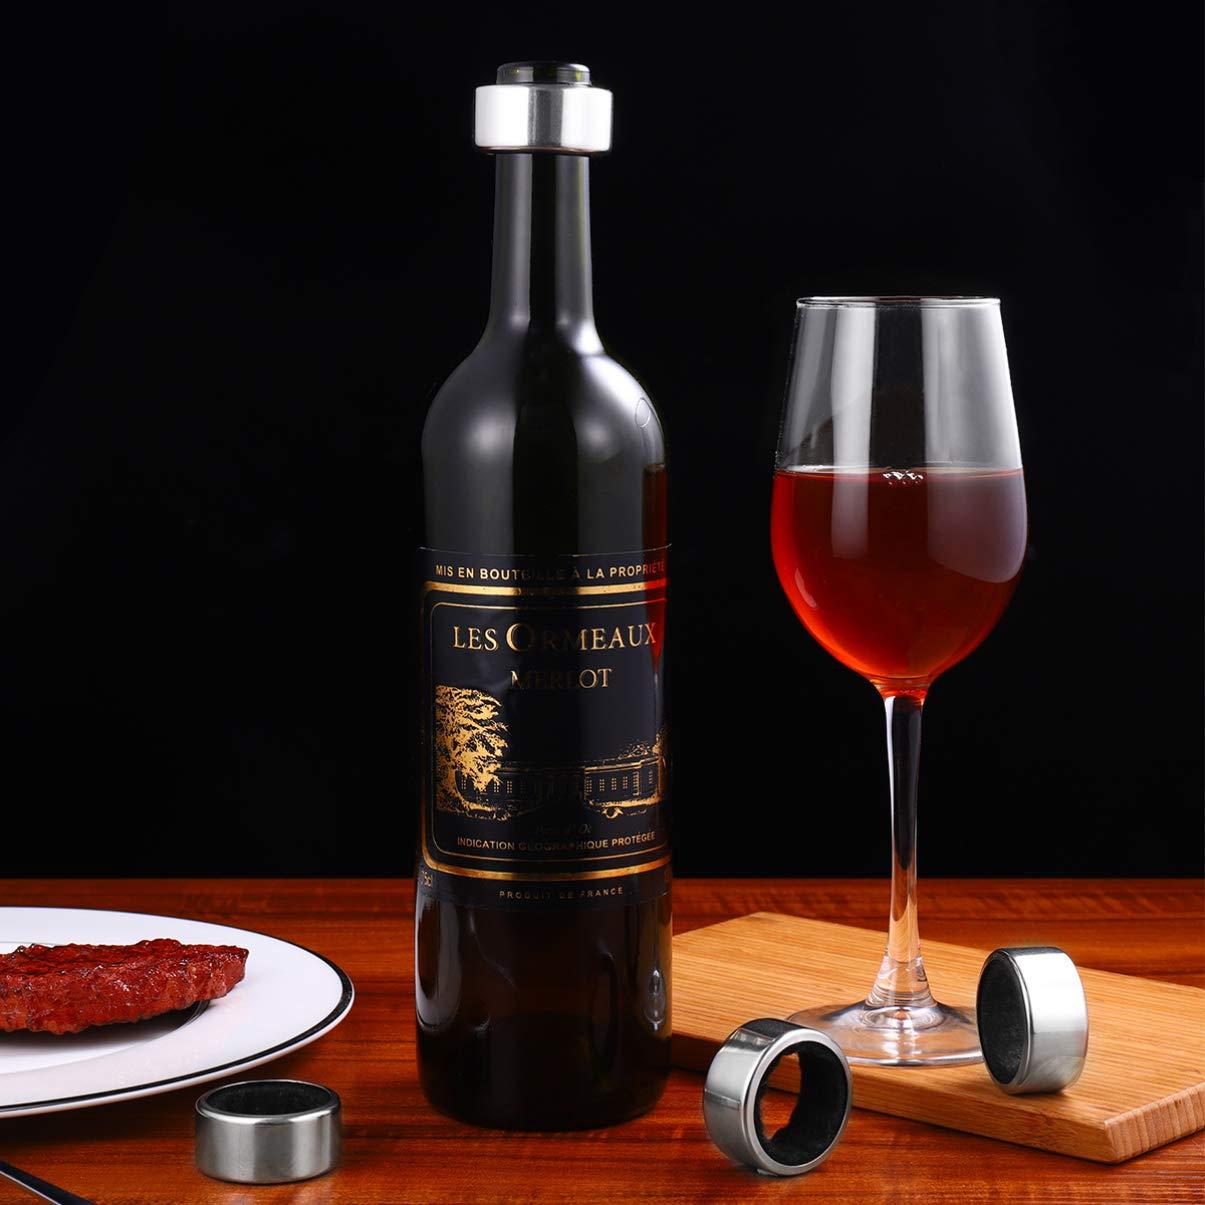 UPKOCH Collares de Botellas de Vino de Cocina de 4 Piezas Accesorios de Anillos de Vino de Acero Inoxidable para Restaurante de Bar en Casa Rojo